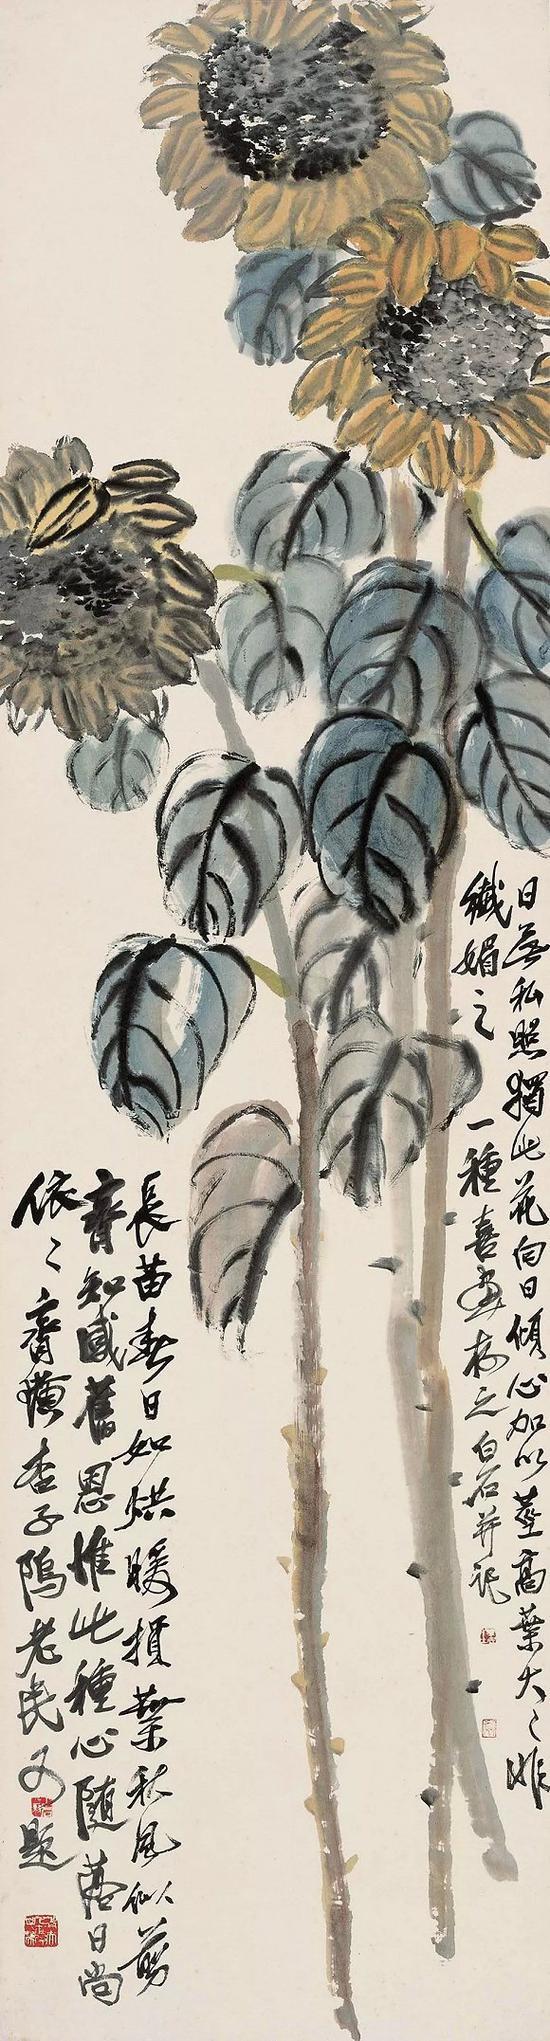 1951年齐白石《向日葵》(2013年中国嘉德春拍 成交价:1552.5万元)